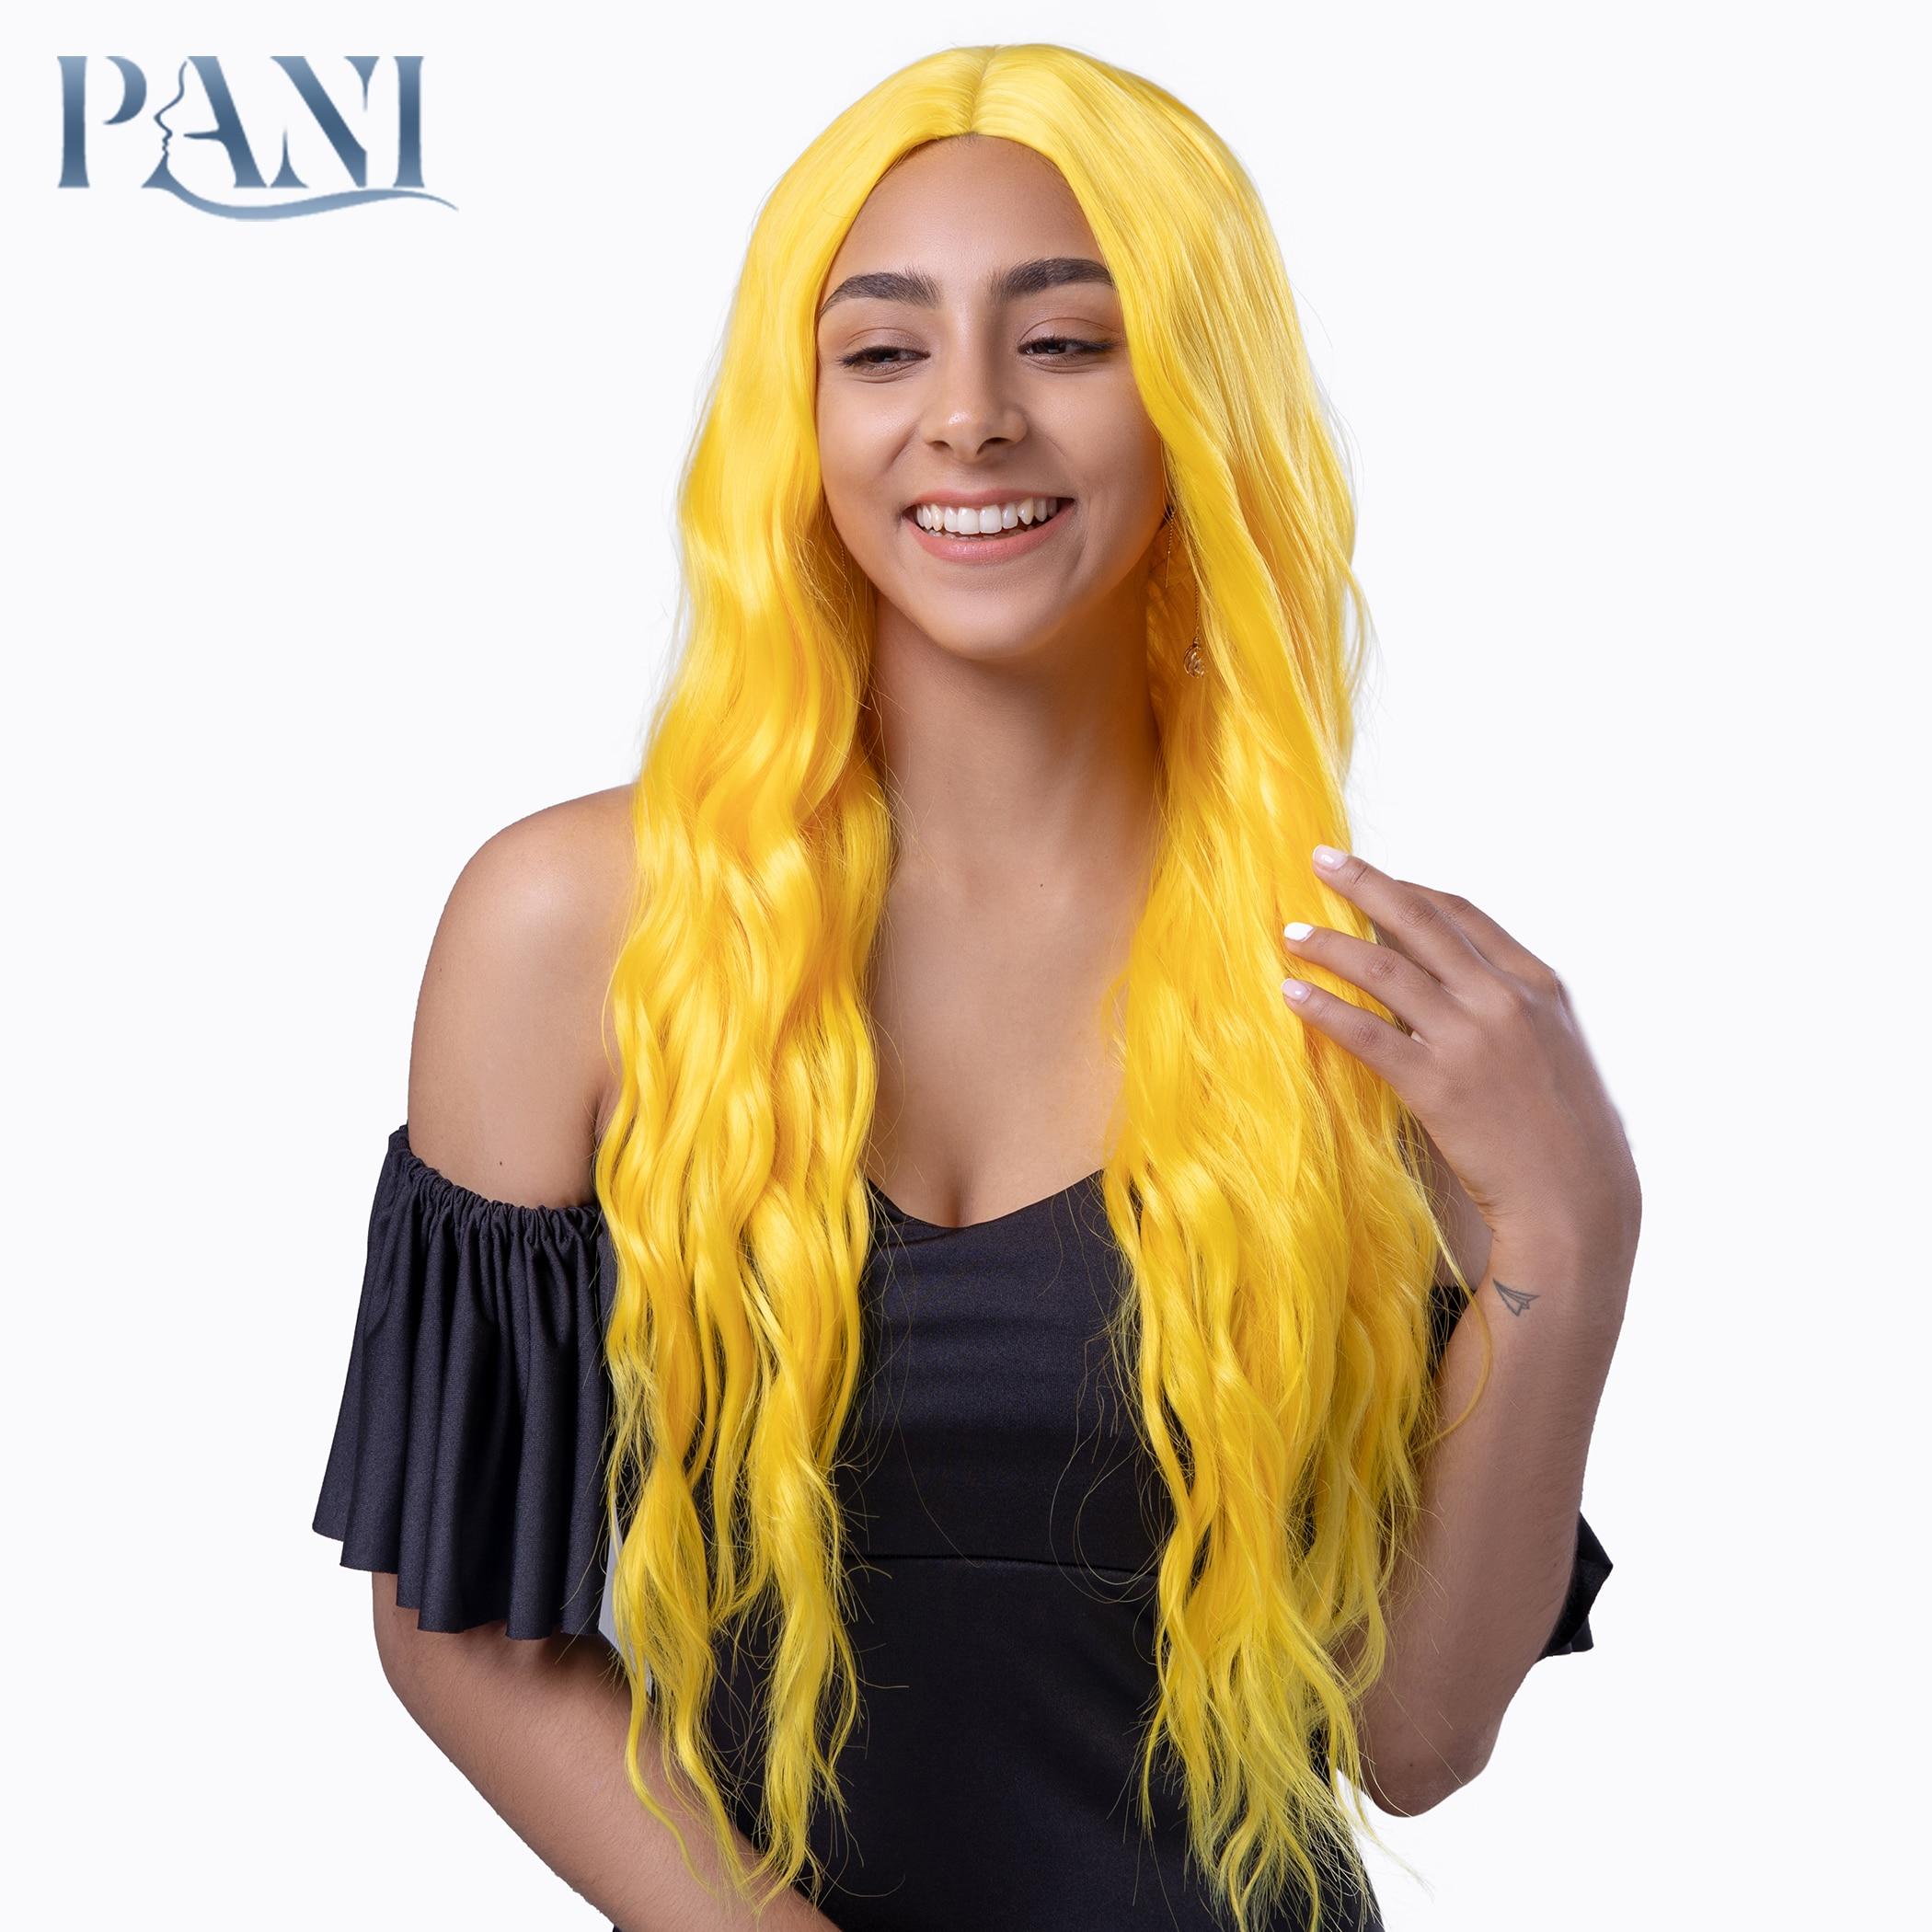 PANI kadın uzun fantezi sarı su dalgalı peruk sentetik peruk kadınlar için altın peruk yapay saç Lolita peruk Cosplay anime